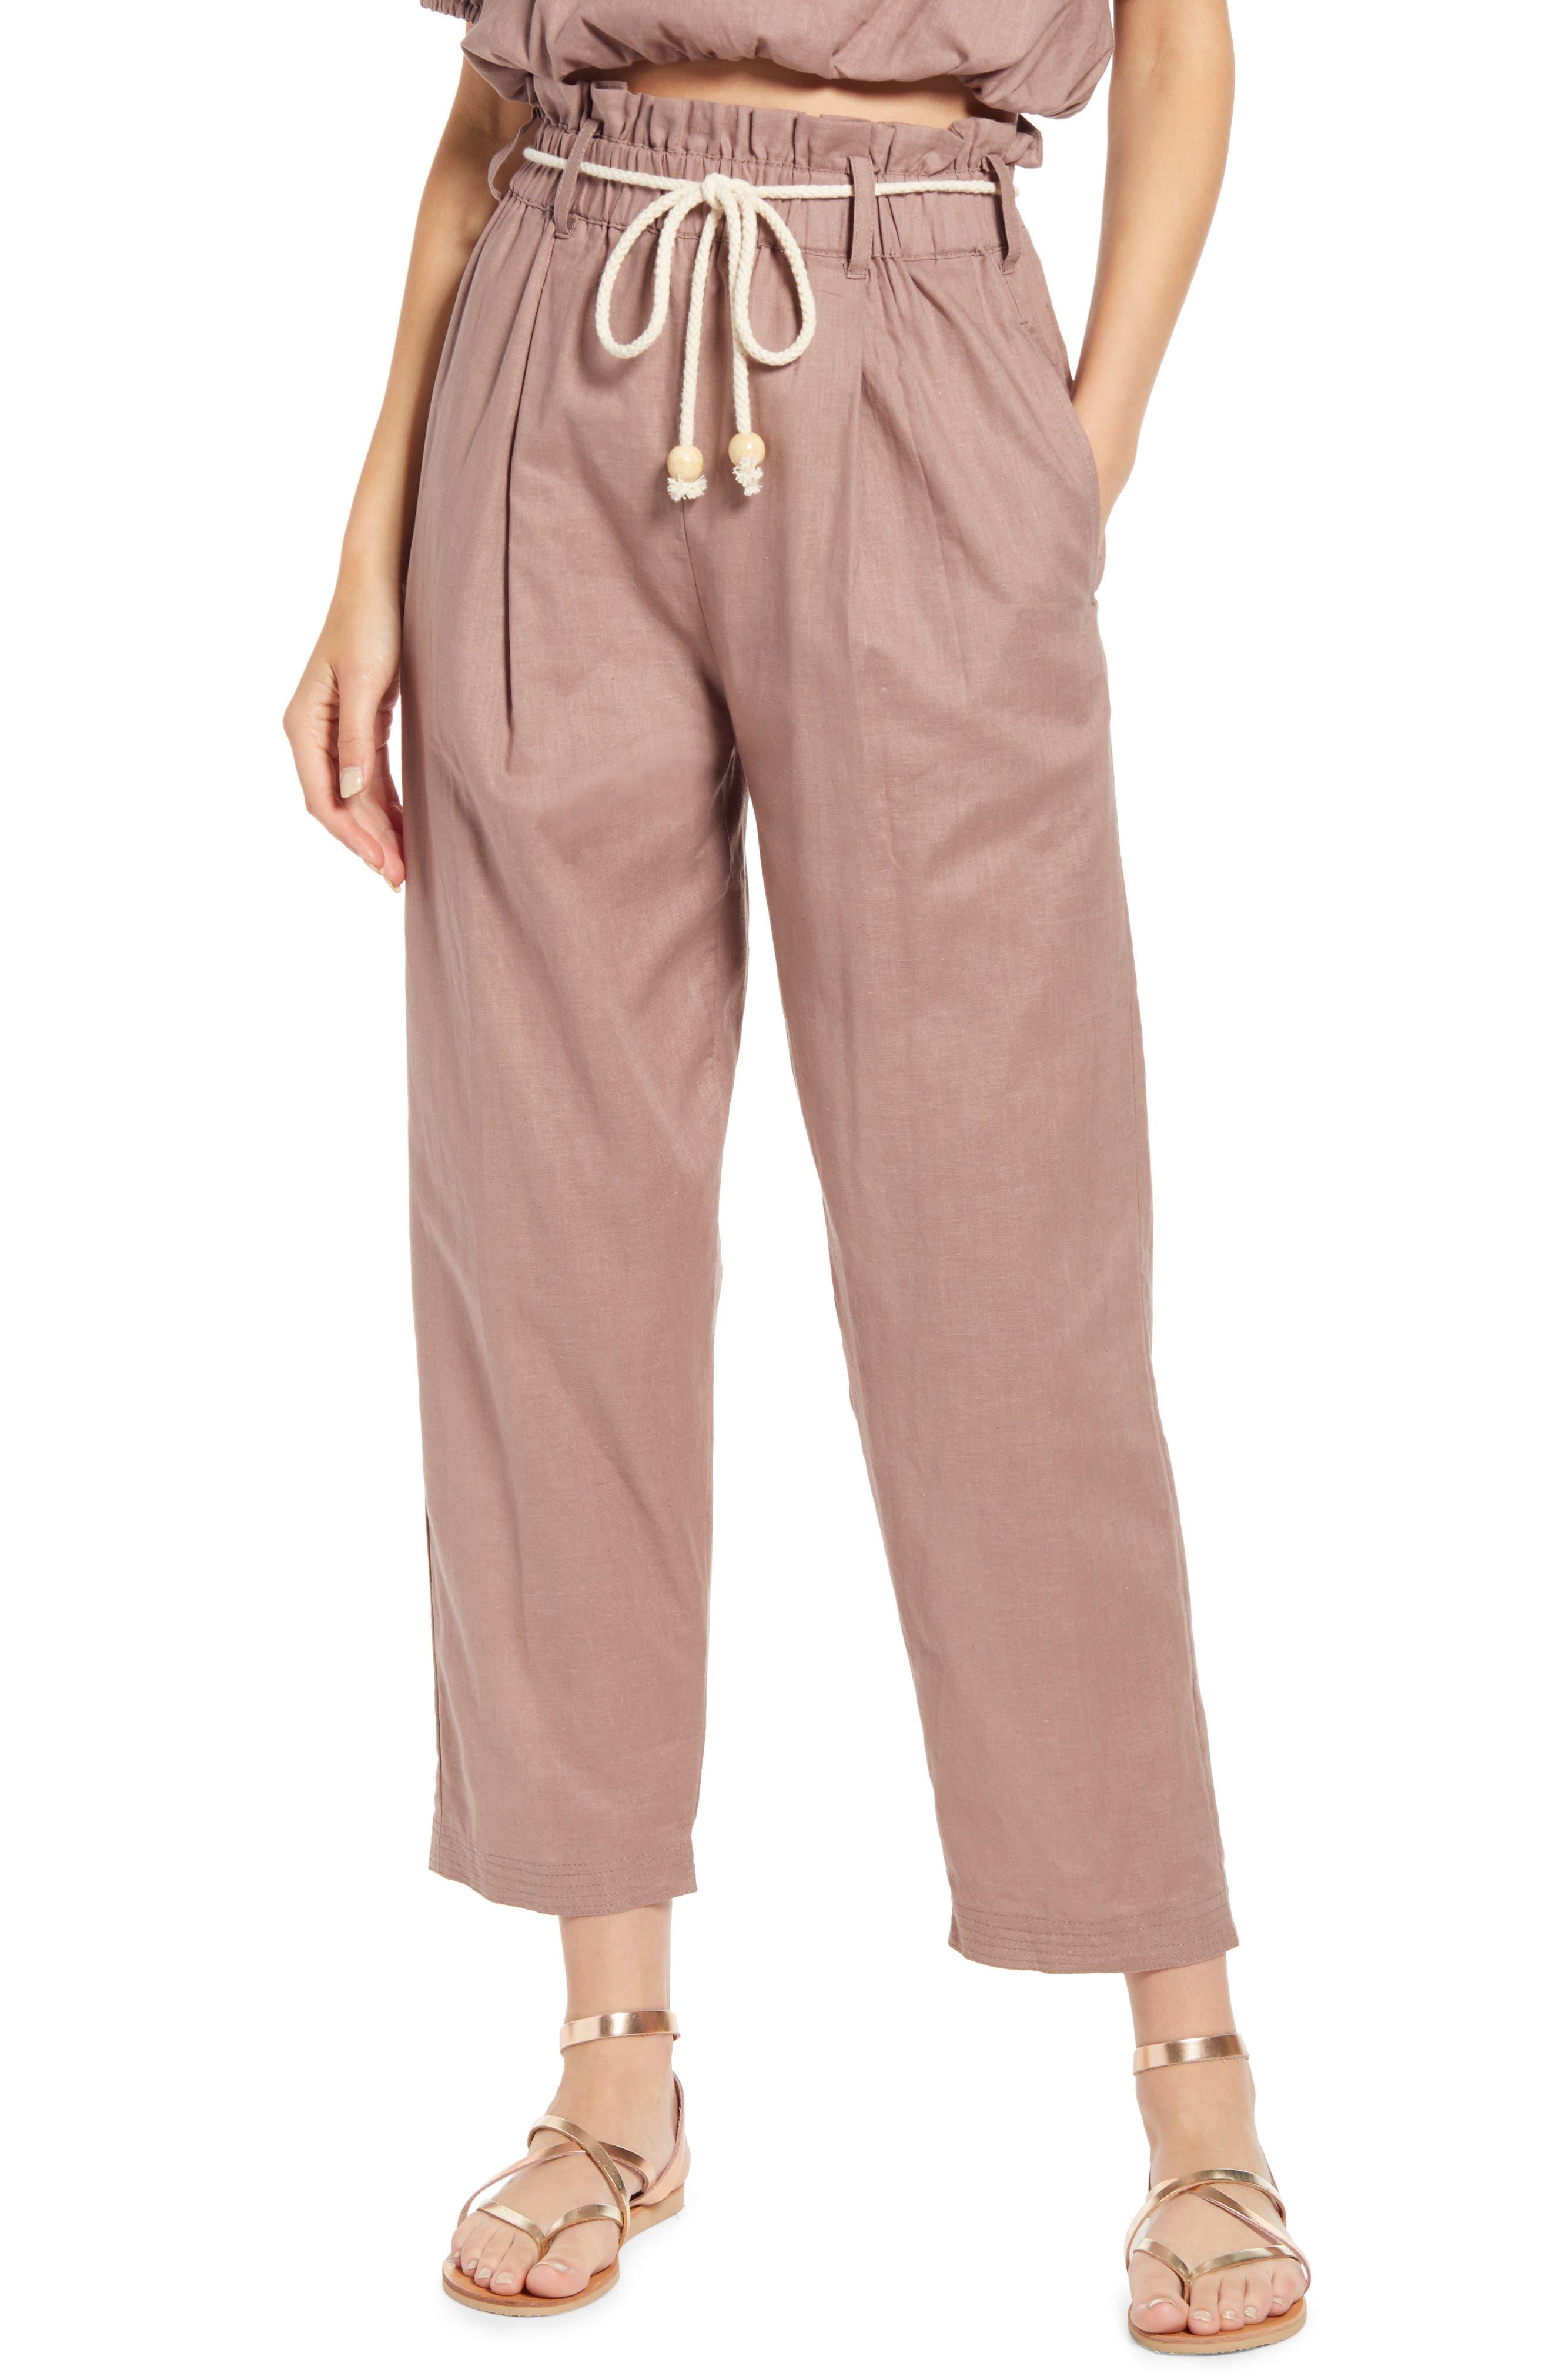 Kali Hemp & Organic Cotton Paperbag Pants